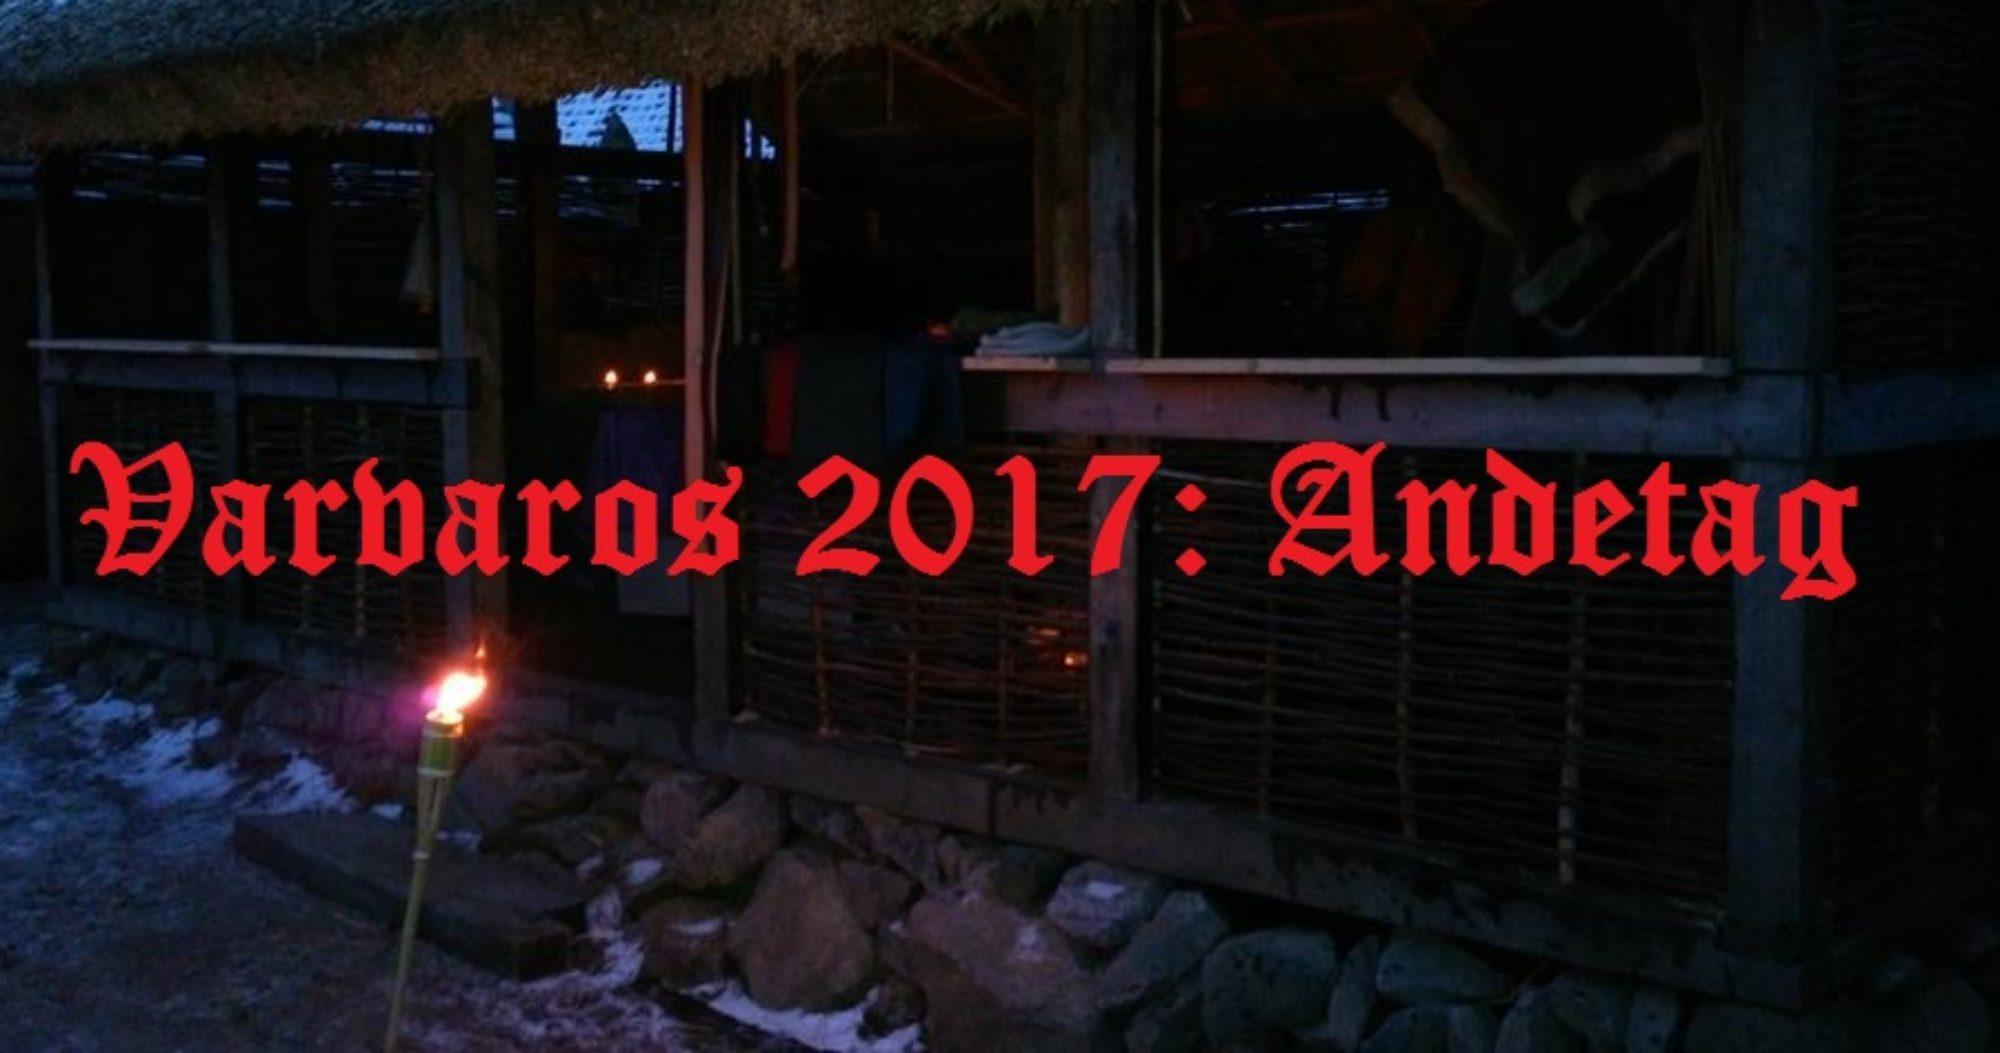 Varvaros 2017 - Andetag